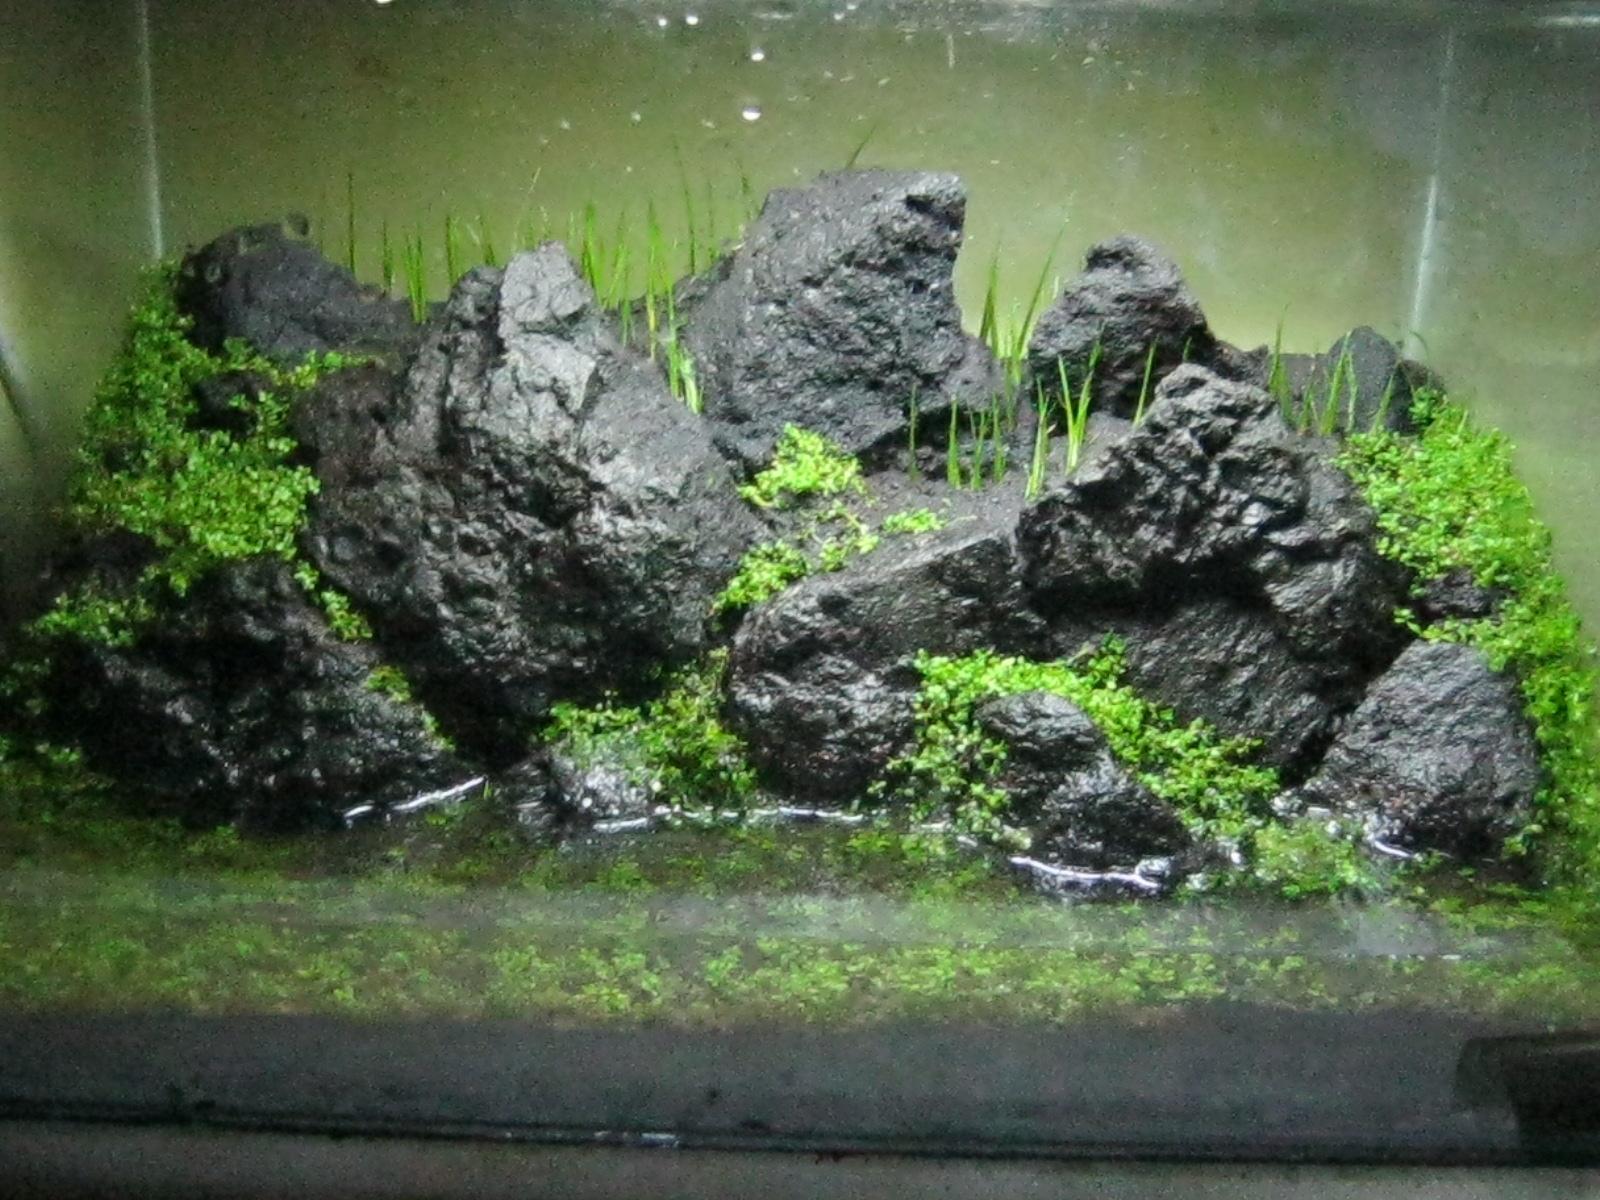 Penanaman Pada Aquarium Sebaiknya Satu Pot Dipisah Menjadi Beberapa